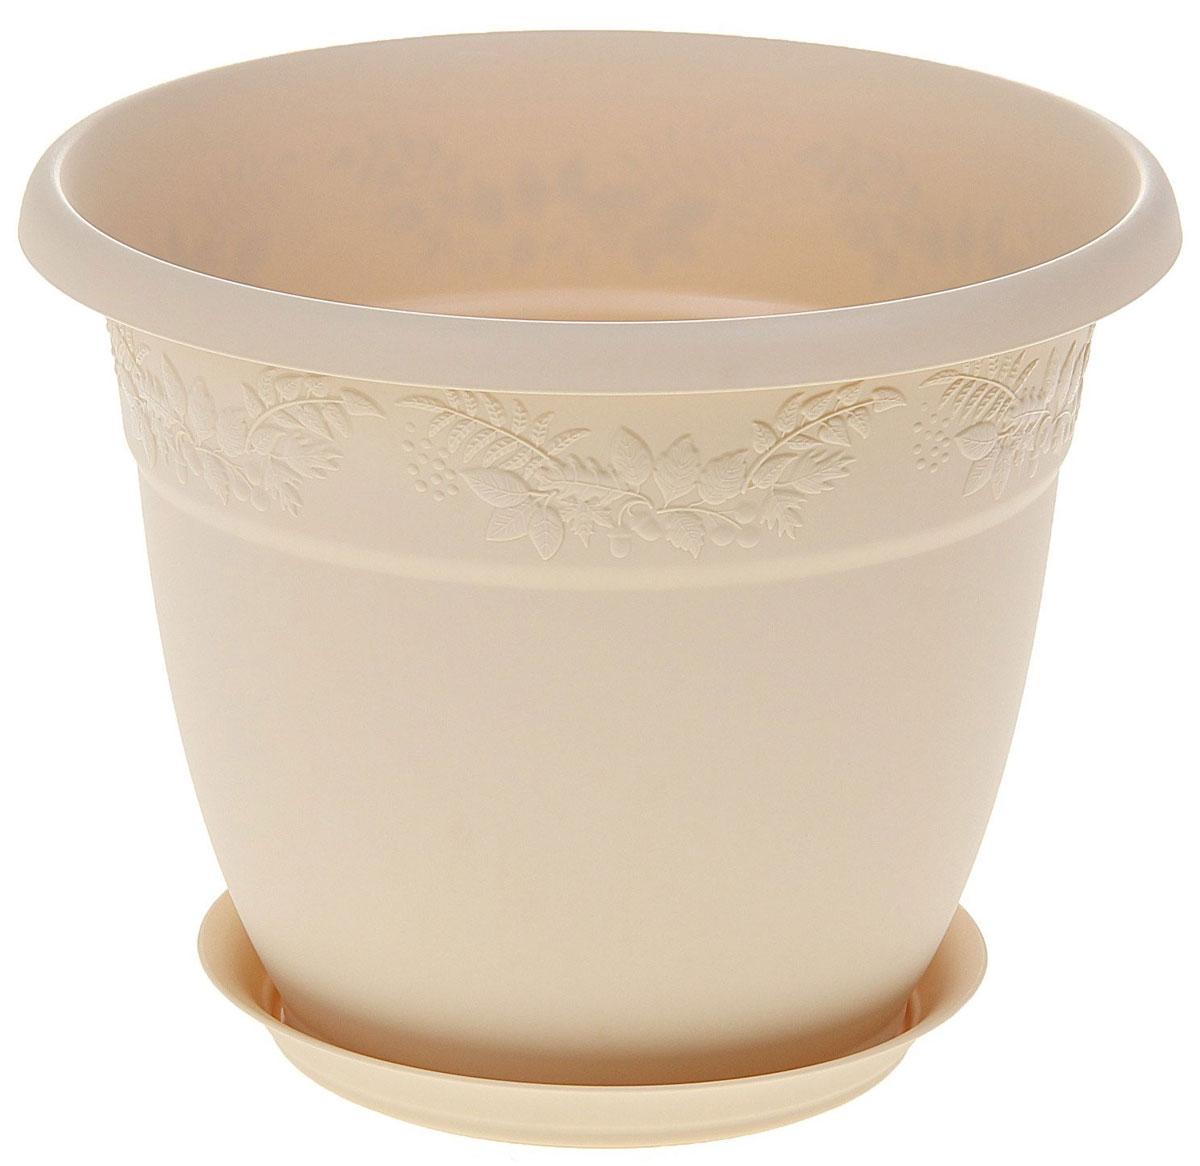 Кашпо Idea Рябина, с поддоном, цвет: белая глина, 7,5 лМ 3057Любой, даже самый современный и продуманный интерьер будет не завершённым без растений. Они не только очищают воздух и насыщают его кислородом, но и заметно украшают окружающее пространство. Такому полезному &laquo члену семьи&raquoпросто необходимо красивое и функциональное кашпо, оригинальный горшок или необычная ваза! Мы предлагаем - Кашпо 7,5 л Рябина d=28 см, с поддоном, цвет белая глина!Оптимальный выбор материала &mdash &nbsp пластмасса! Почему мы так считаем? Малый вес. С лёгкостью переносите горшки и кашпо с места на место, ставьте их на столики или полки, подвешивайте под потолок, не беспокоясь о нагрузке. Простота ухода. Пластиковые изделия не нуждаются в специальных условиях хранения. Их&nbsp легко чистить &mdashдостаточно просто сполоснуть тёплой водой. Никаких царапин. Пластиковые кашпо не царапают и не загрязняют поверхности, на которых стоят. Пластик дольше хранит влагу, а значит &mdashрастение реже нуждается в поливе. Пластмасса не пропускает воздух &mdashкорневой системе растения не грозят резкие перепады температур. Огромный выбор форм, декора и расцветок &mdashвы без труда подберёте что-то, что идеально впишется в уже существующий интерьер.Соблюдая нехитрые правила ухода, вы можете заметно продлить срок службы горшков, вазонов и кашпо из пластика: всегда учитывайте размер кроны и корневой системы растения (при разрастании большое растение способно повредить маленький горшок)берегите изделие от воздействия прямых солнечных лучей, чтобы кашпо и горшки не выцветалидержите кашпо и горшки из пластика подальше от нагревающихся поверхностей.Создавайте прекрасные цветочные композиции, выращивайте рассаду или необычные растения, а низкие цены позволят вам не ограничивать себя в выборе.